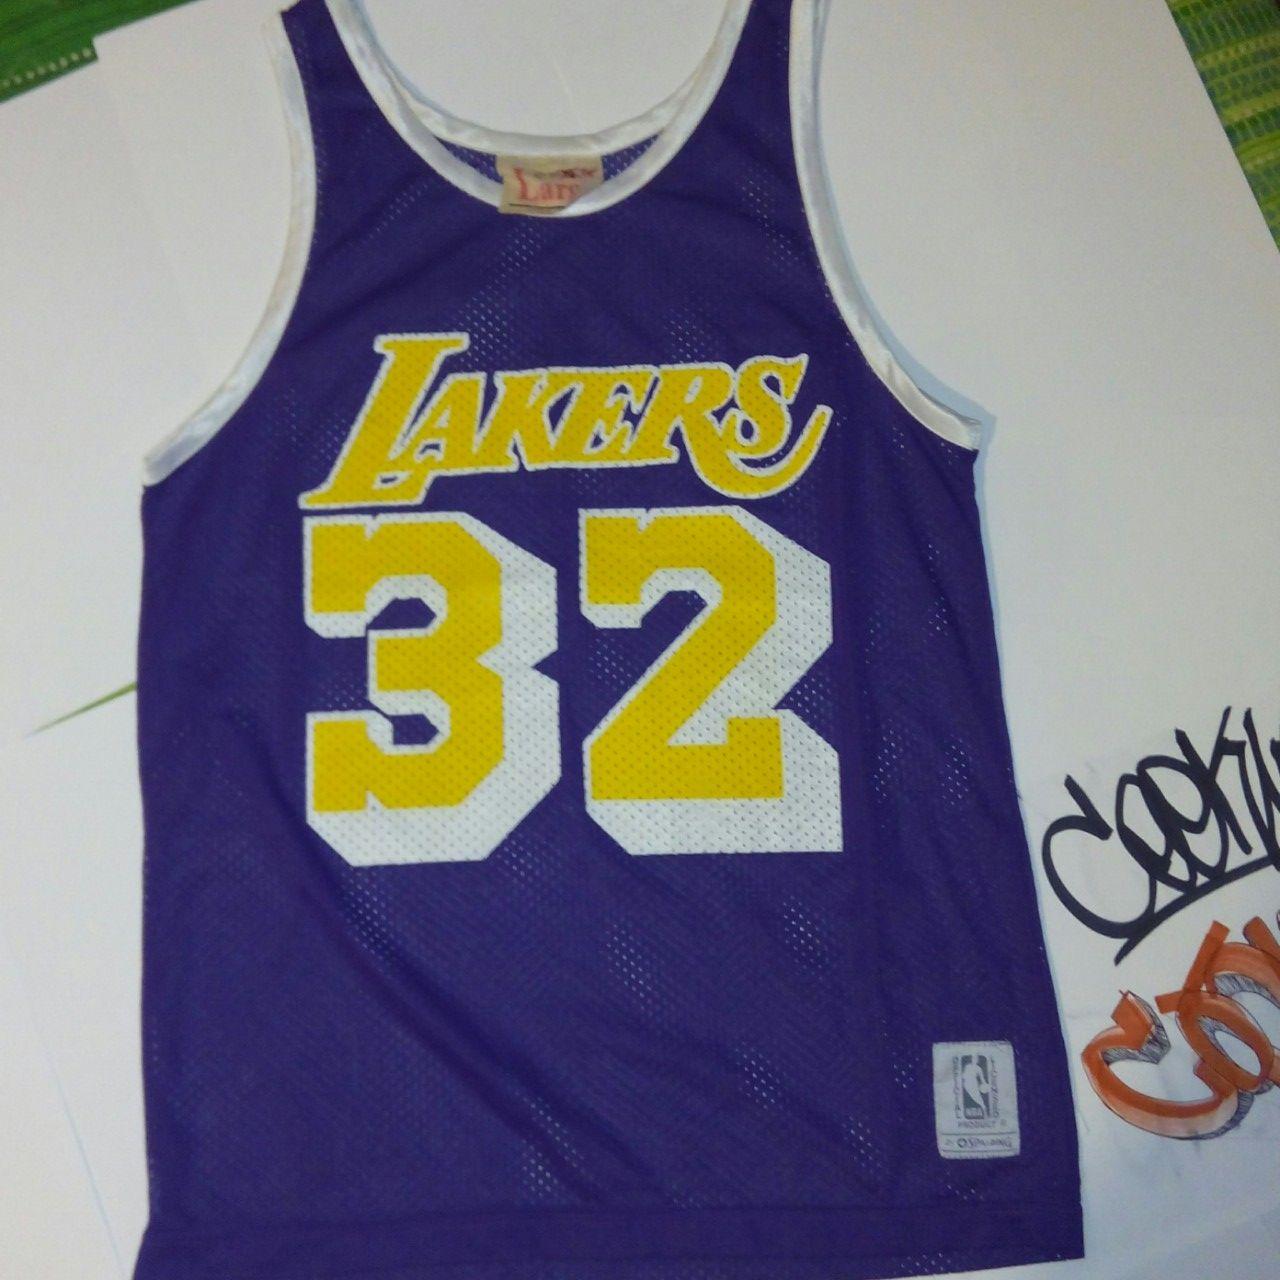 890b5f6a6 Lakers canotta Vintage Spalding magic Johnson molto rara taglia S..perfetta  anche per ragazze.. Ottimo stato.. Contattatemi per info..spedizione  compresa ...